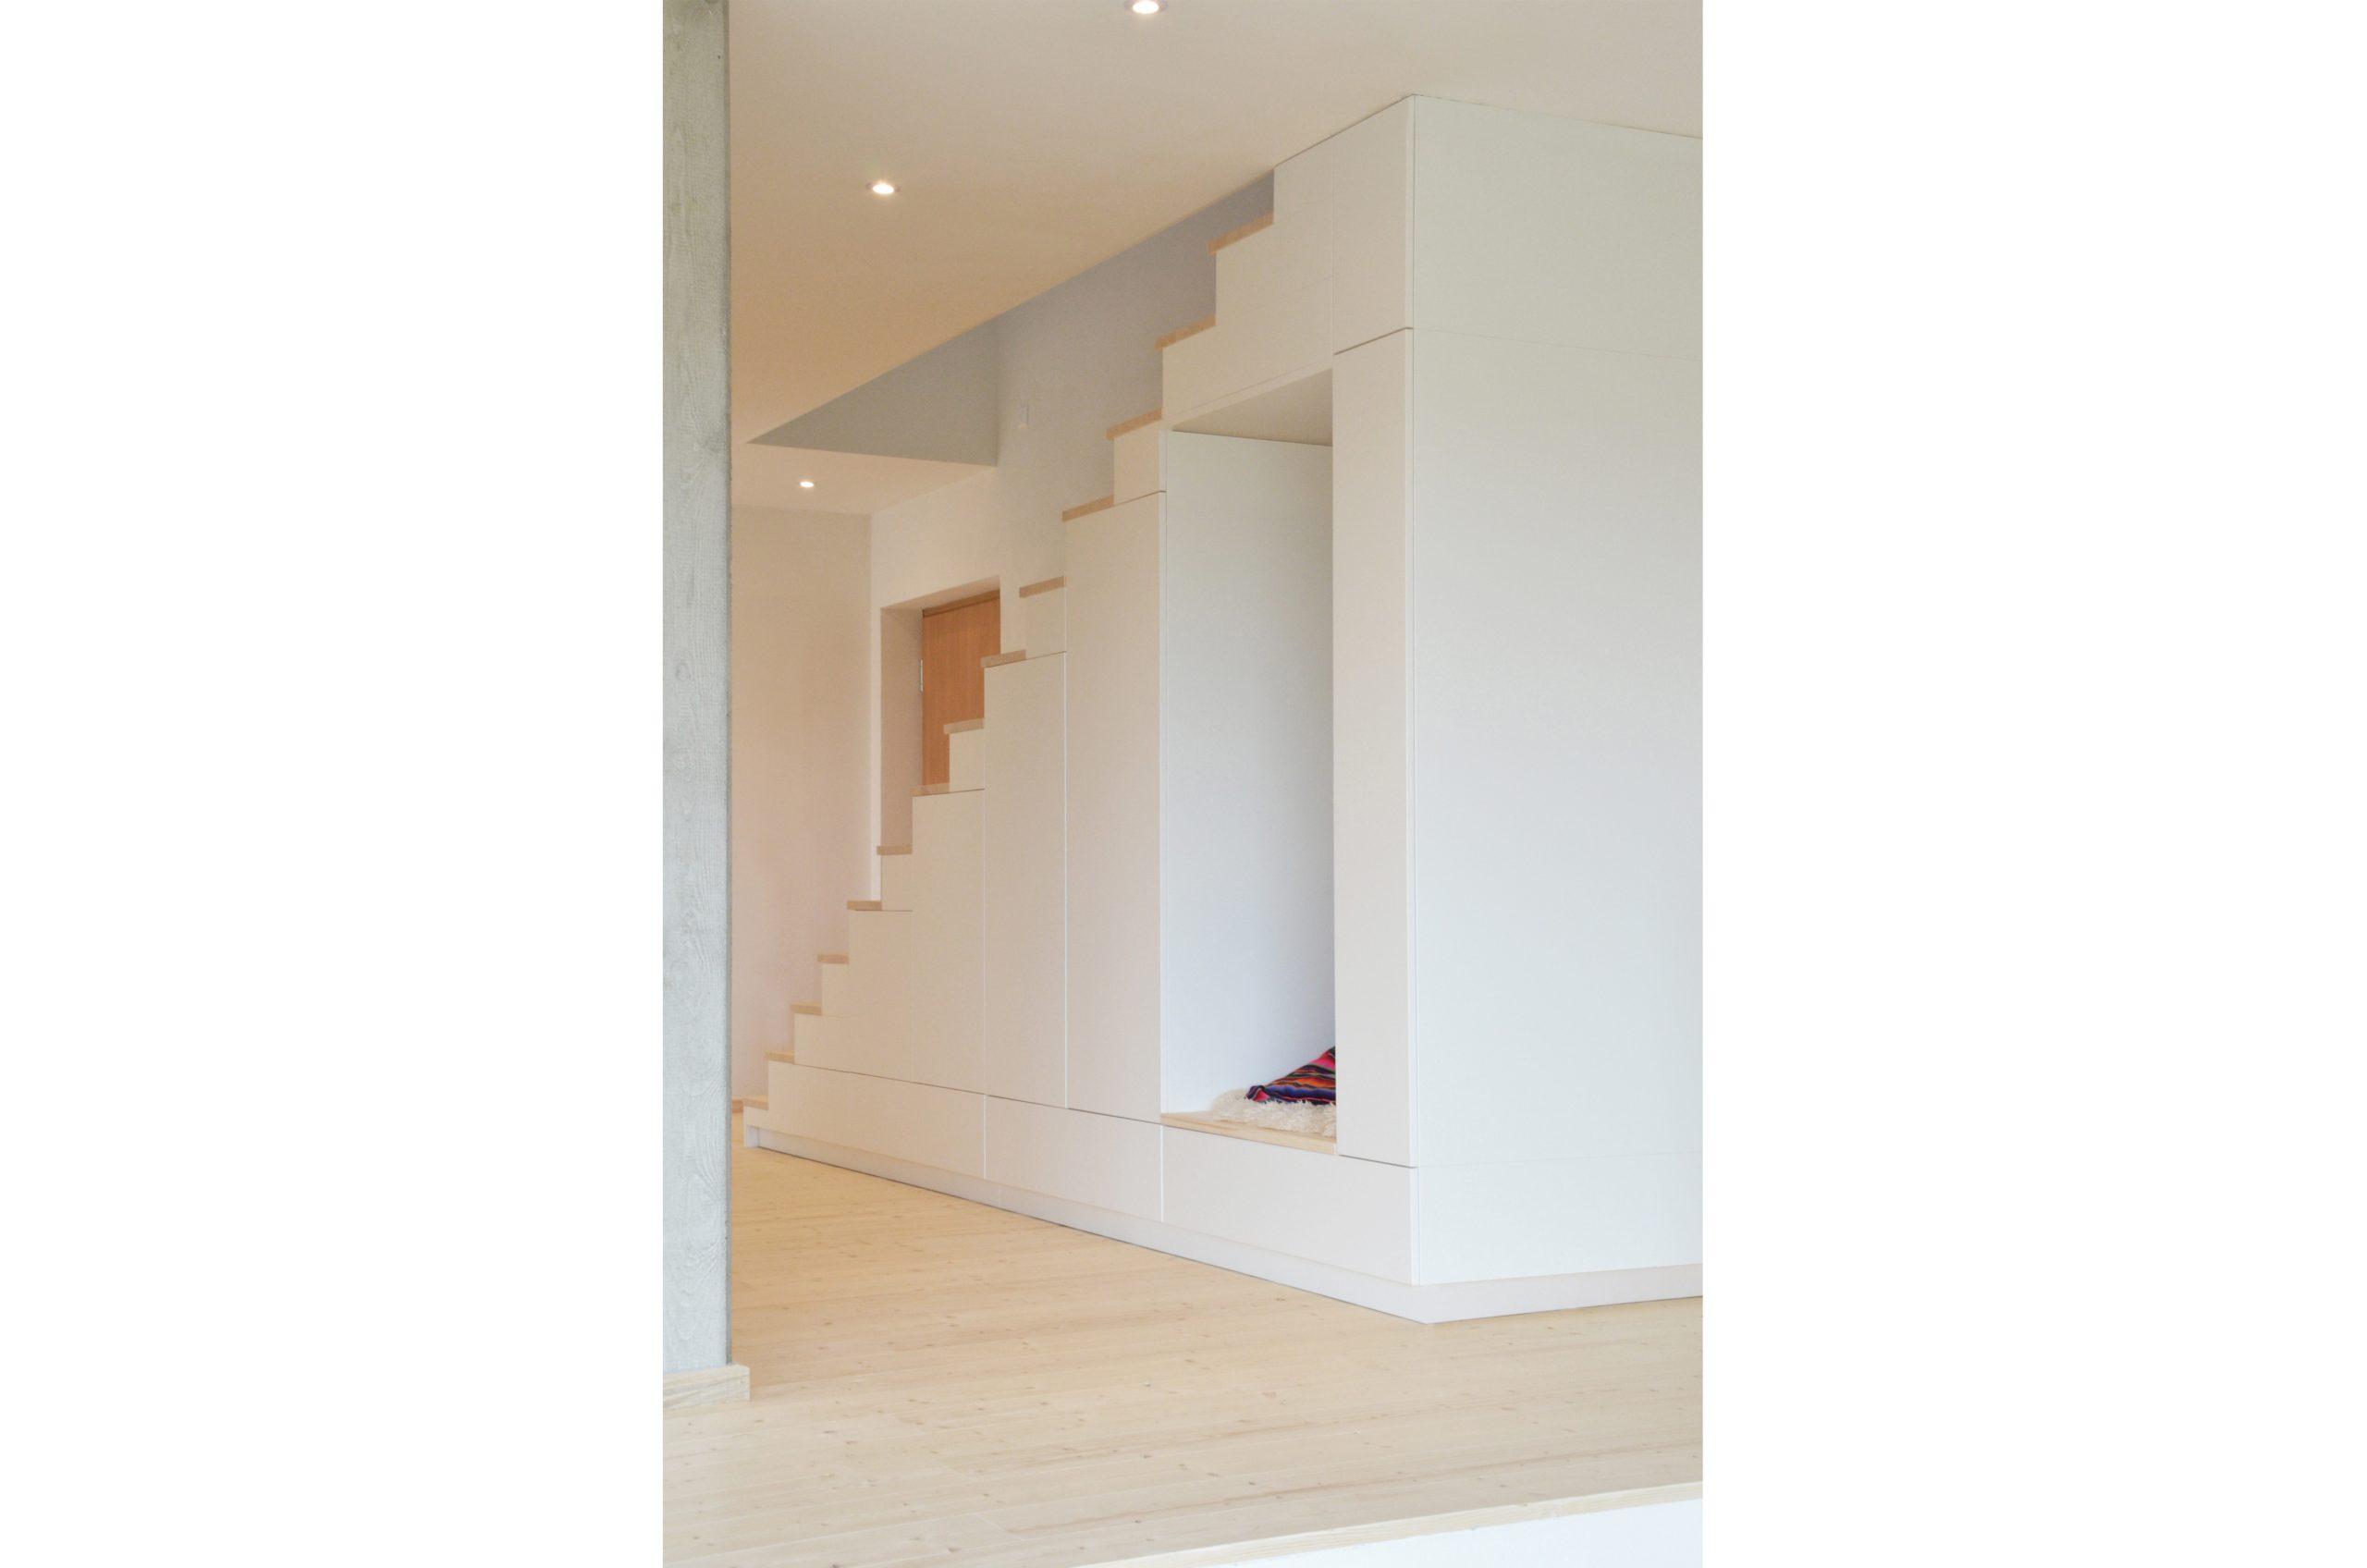 jacob-mayer-voigt-architekt-interior-design-architektur-holzhaus-design-treppe-minimalismus-garderobe